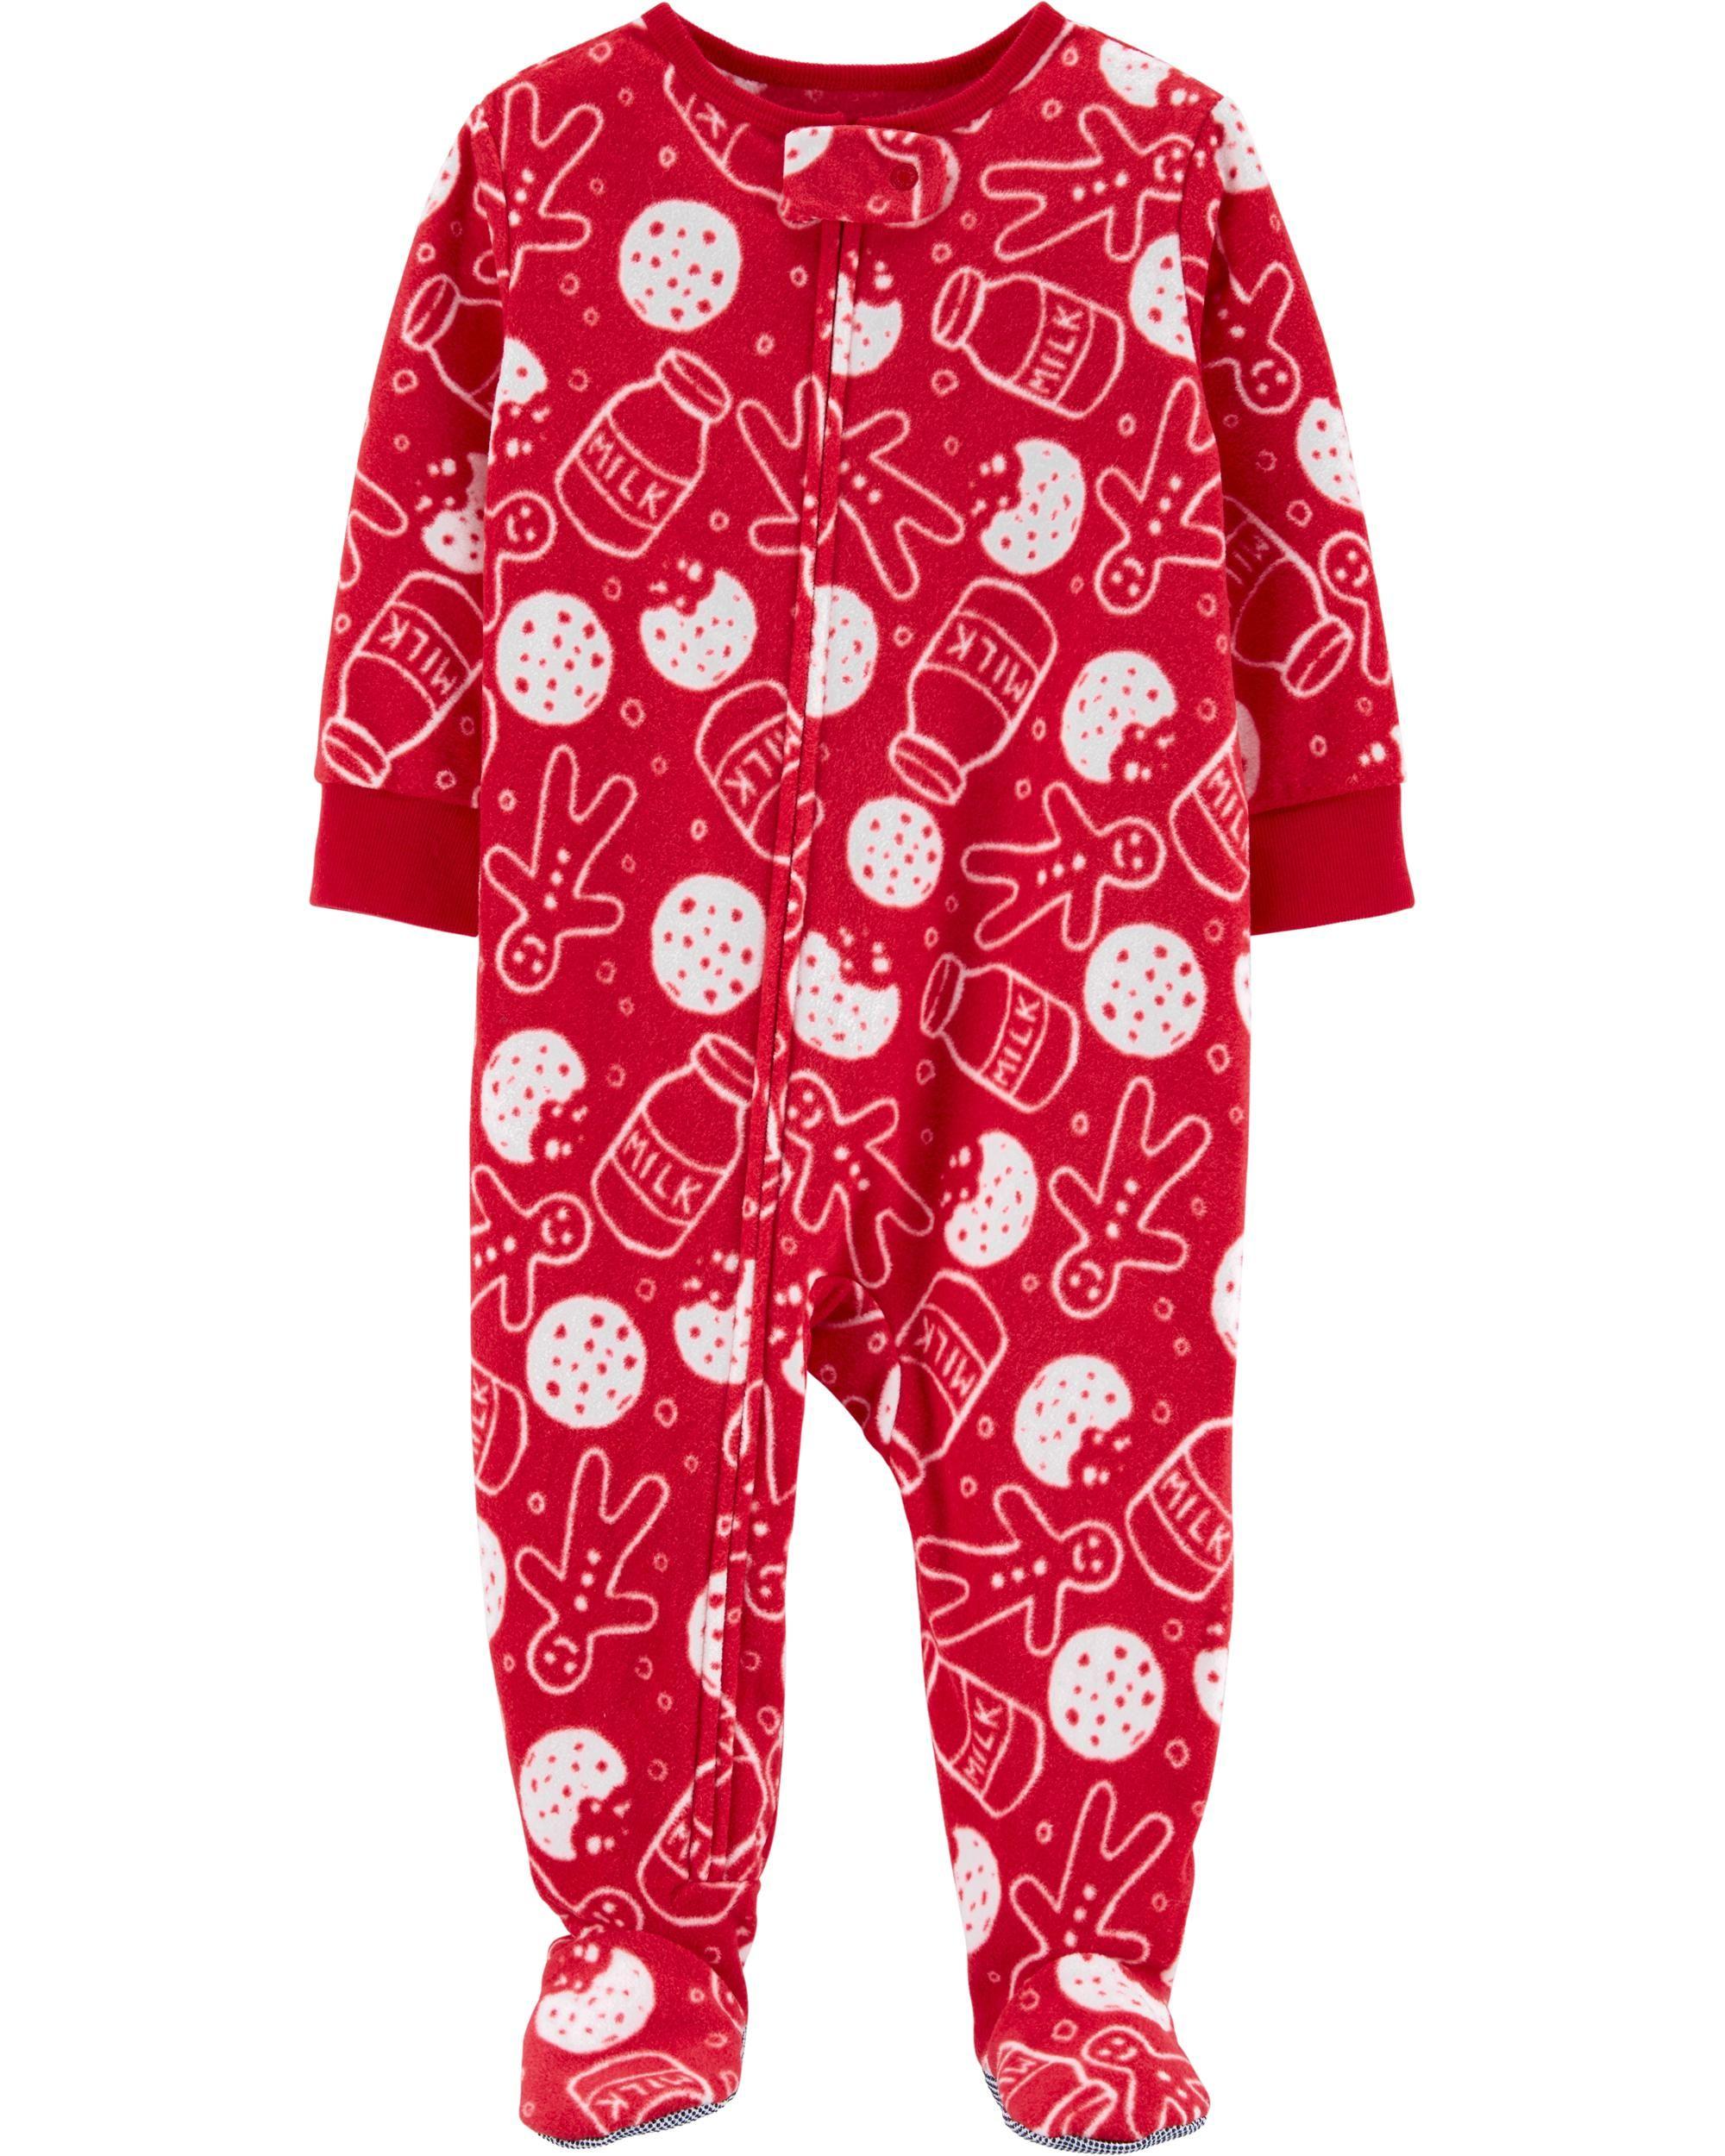 Mud Pie Very Merry Christmas Print Unisex Footed Pajamas Red Trim Holiday PJs